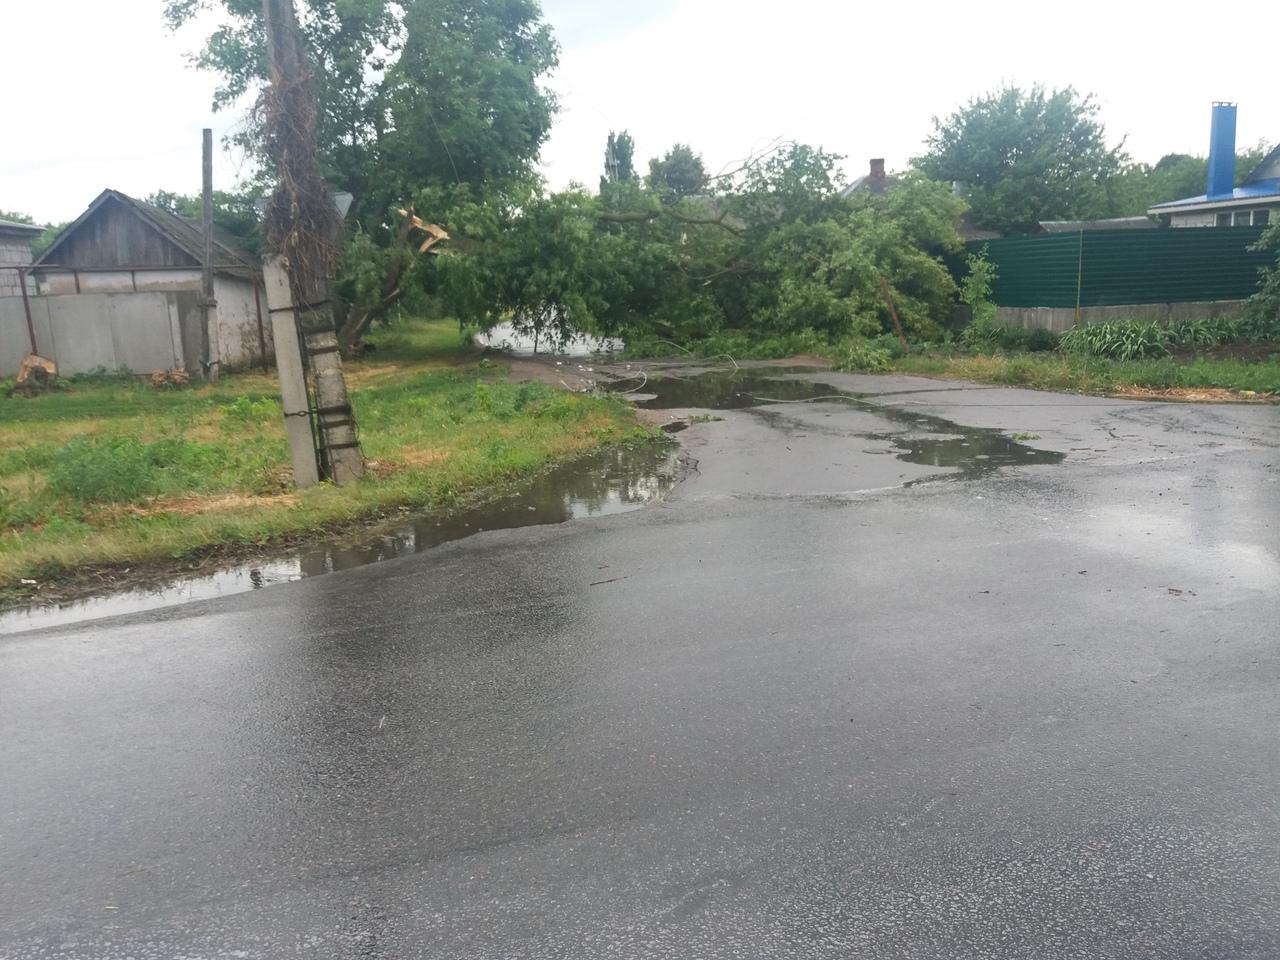 Ураган в Боброве 24 июня 2018 (фото и видео)